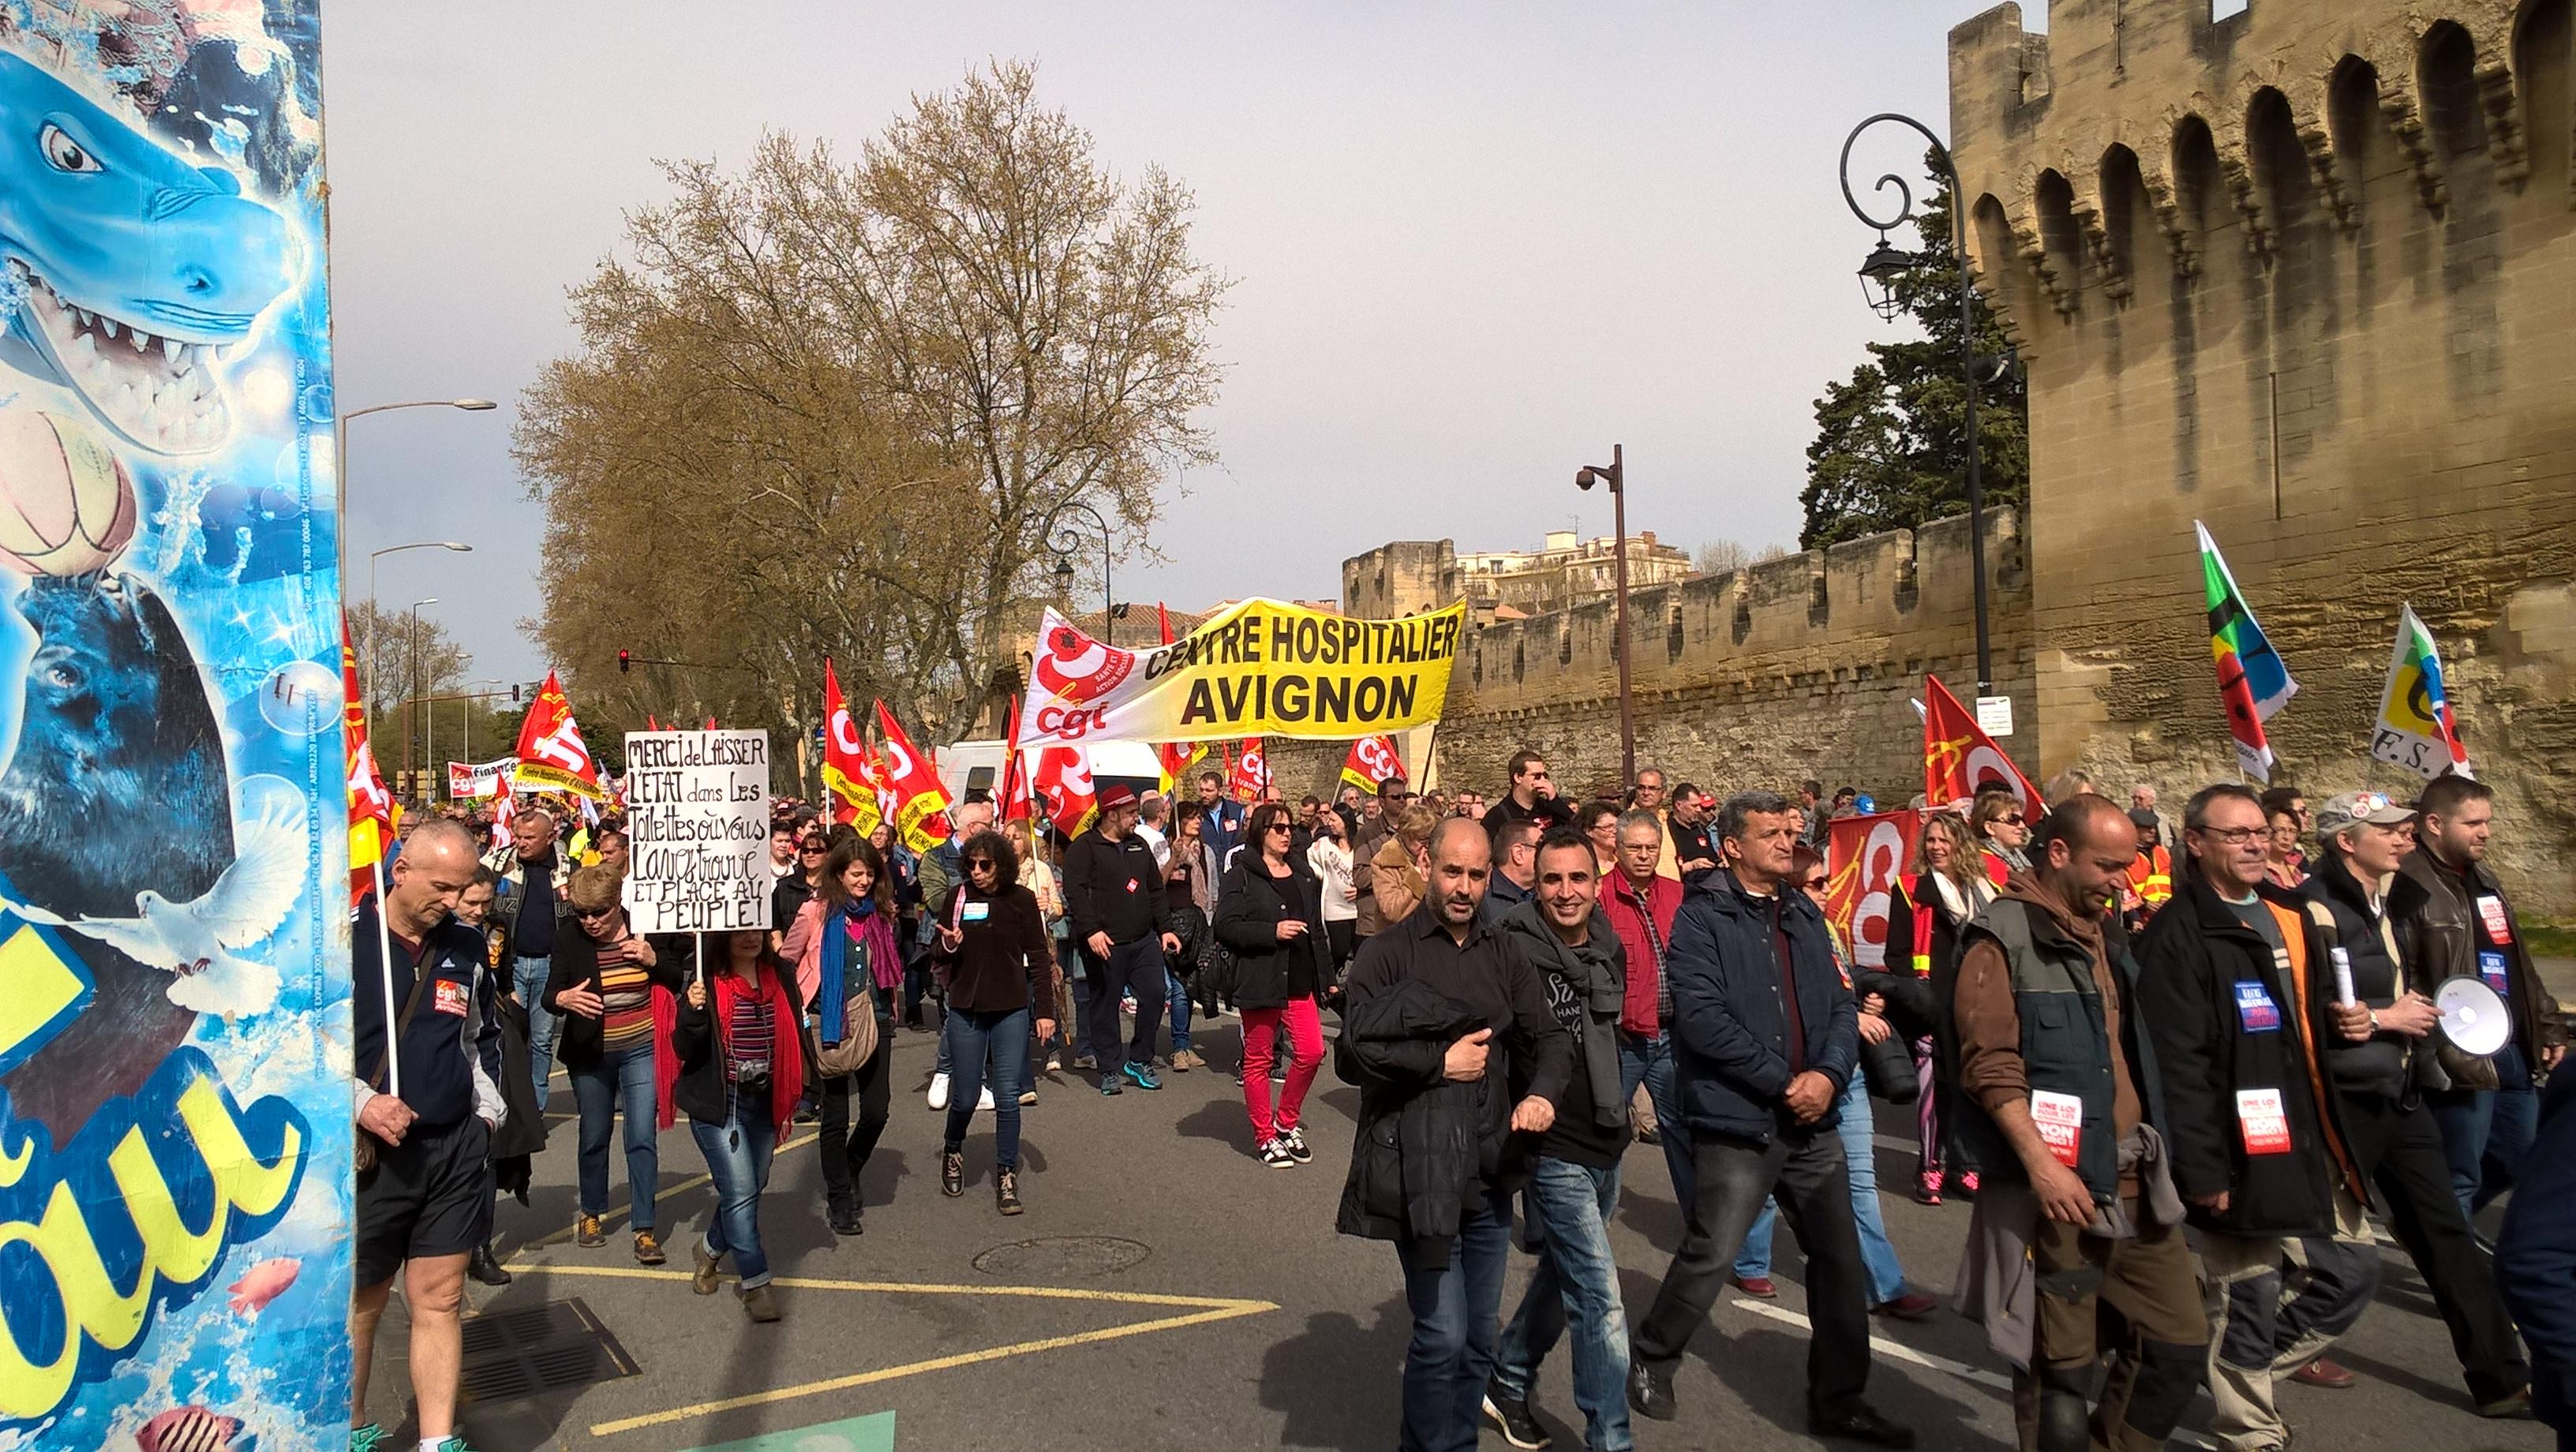 manifestation avignon 9 avril 2015